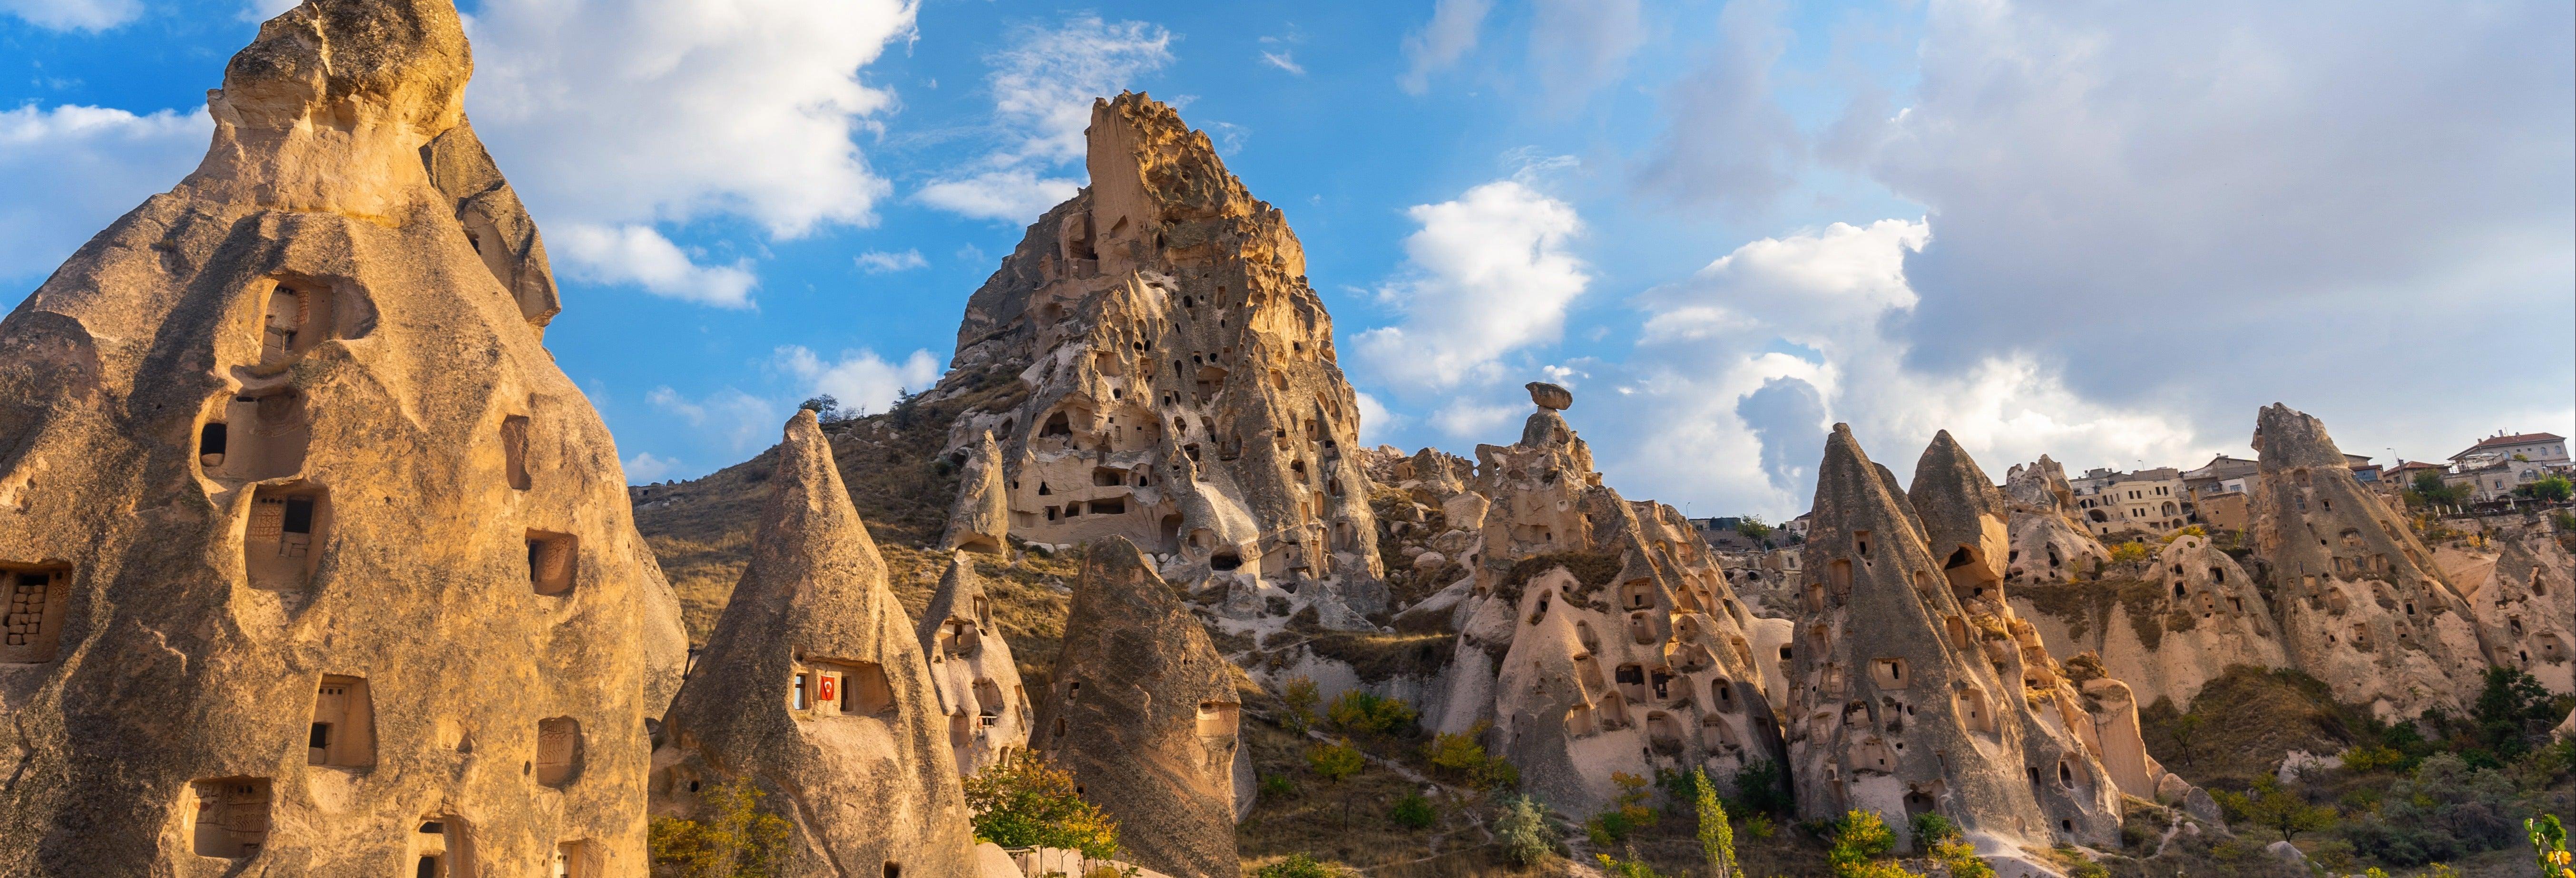 Tour privado por la región de Capadocia